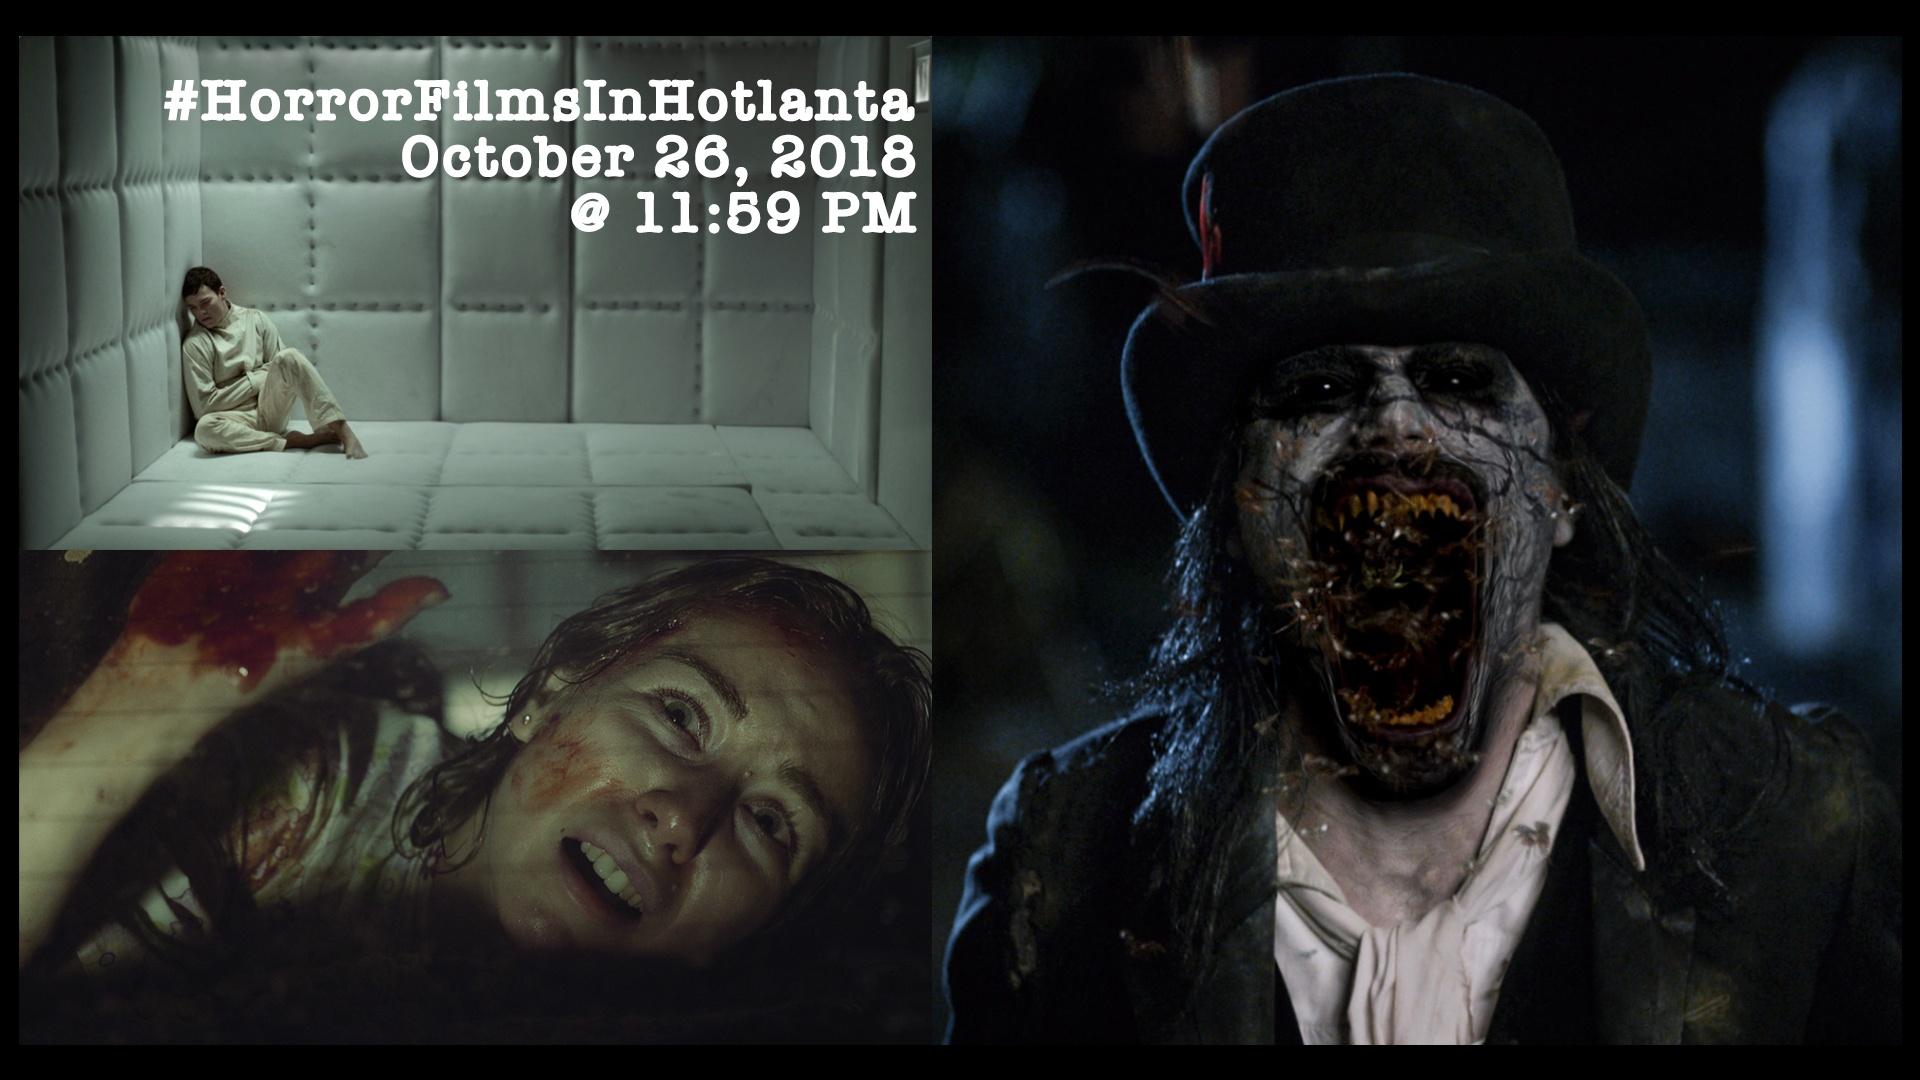 Horror Films in Hotlanta 2018 Facebook Event 2